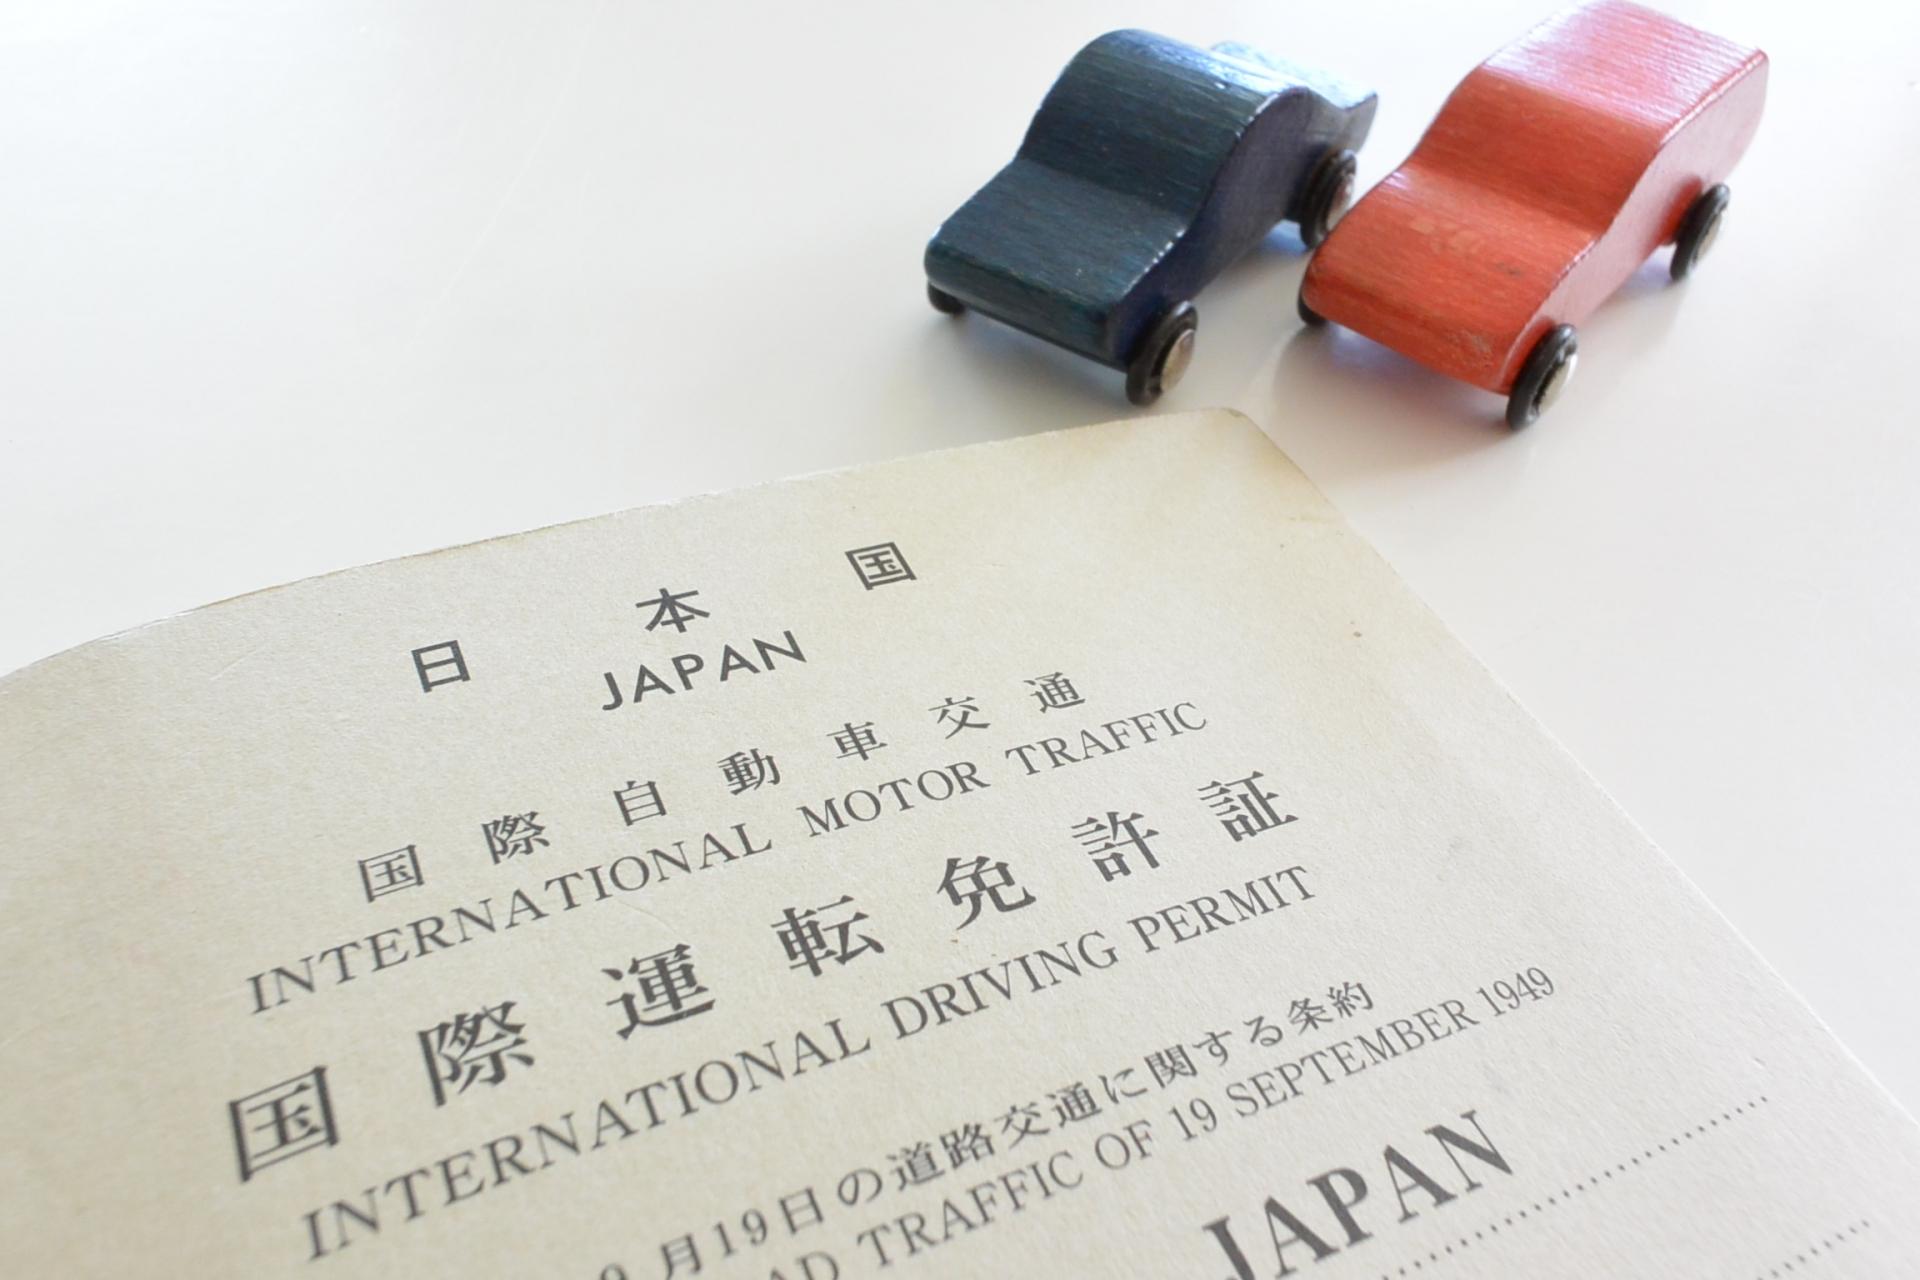 国際運転免許の取得方法を詳しくご紹介! / 海外渡航先で、車やバイクで気ままに旅行するための必須アイテム!